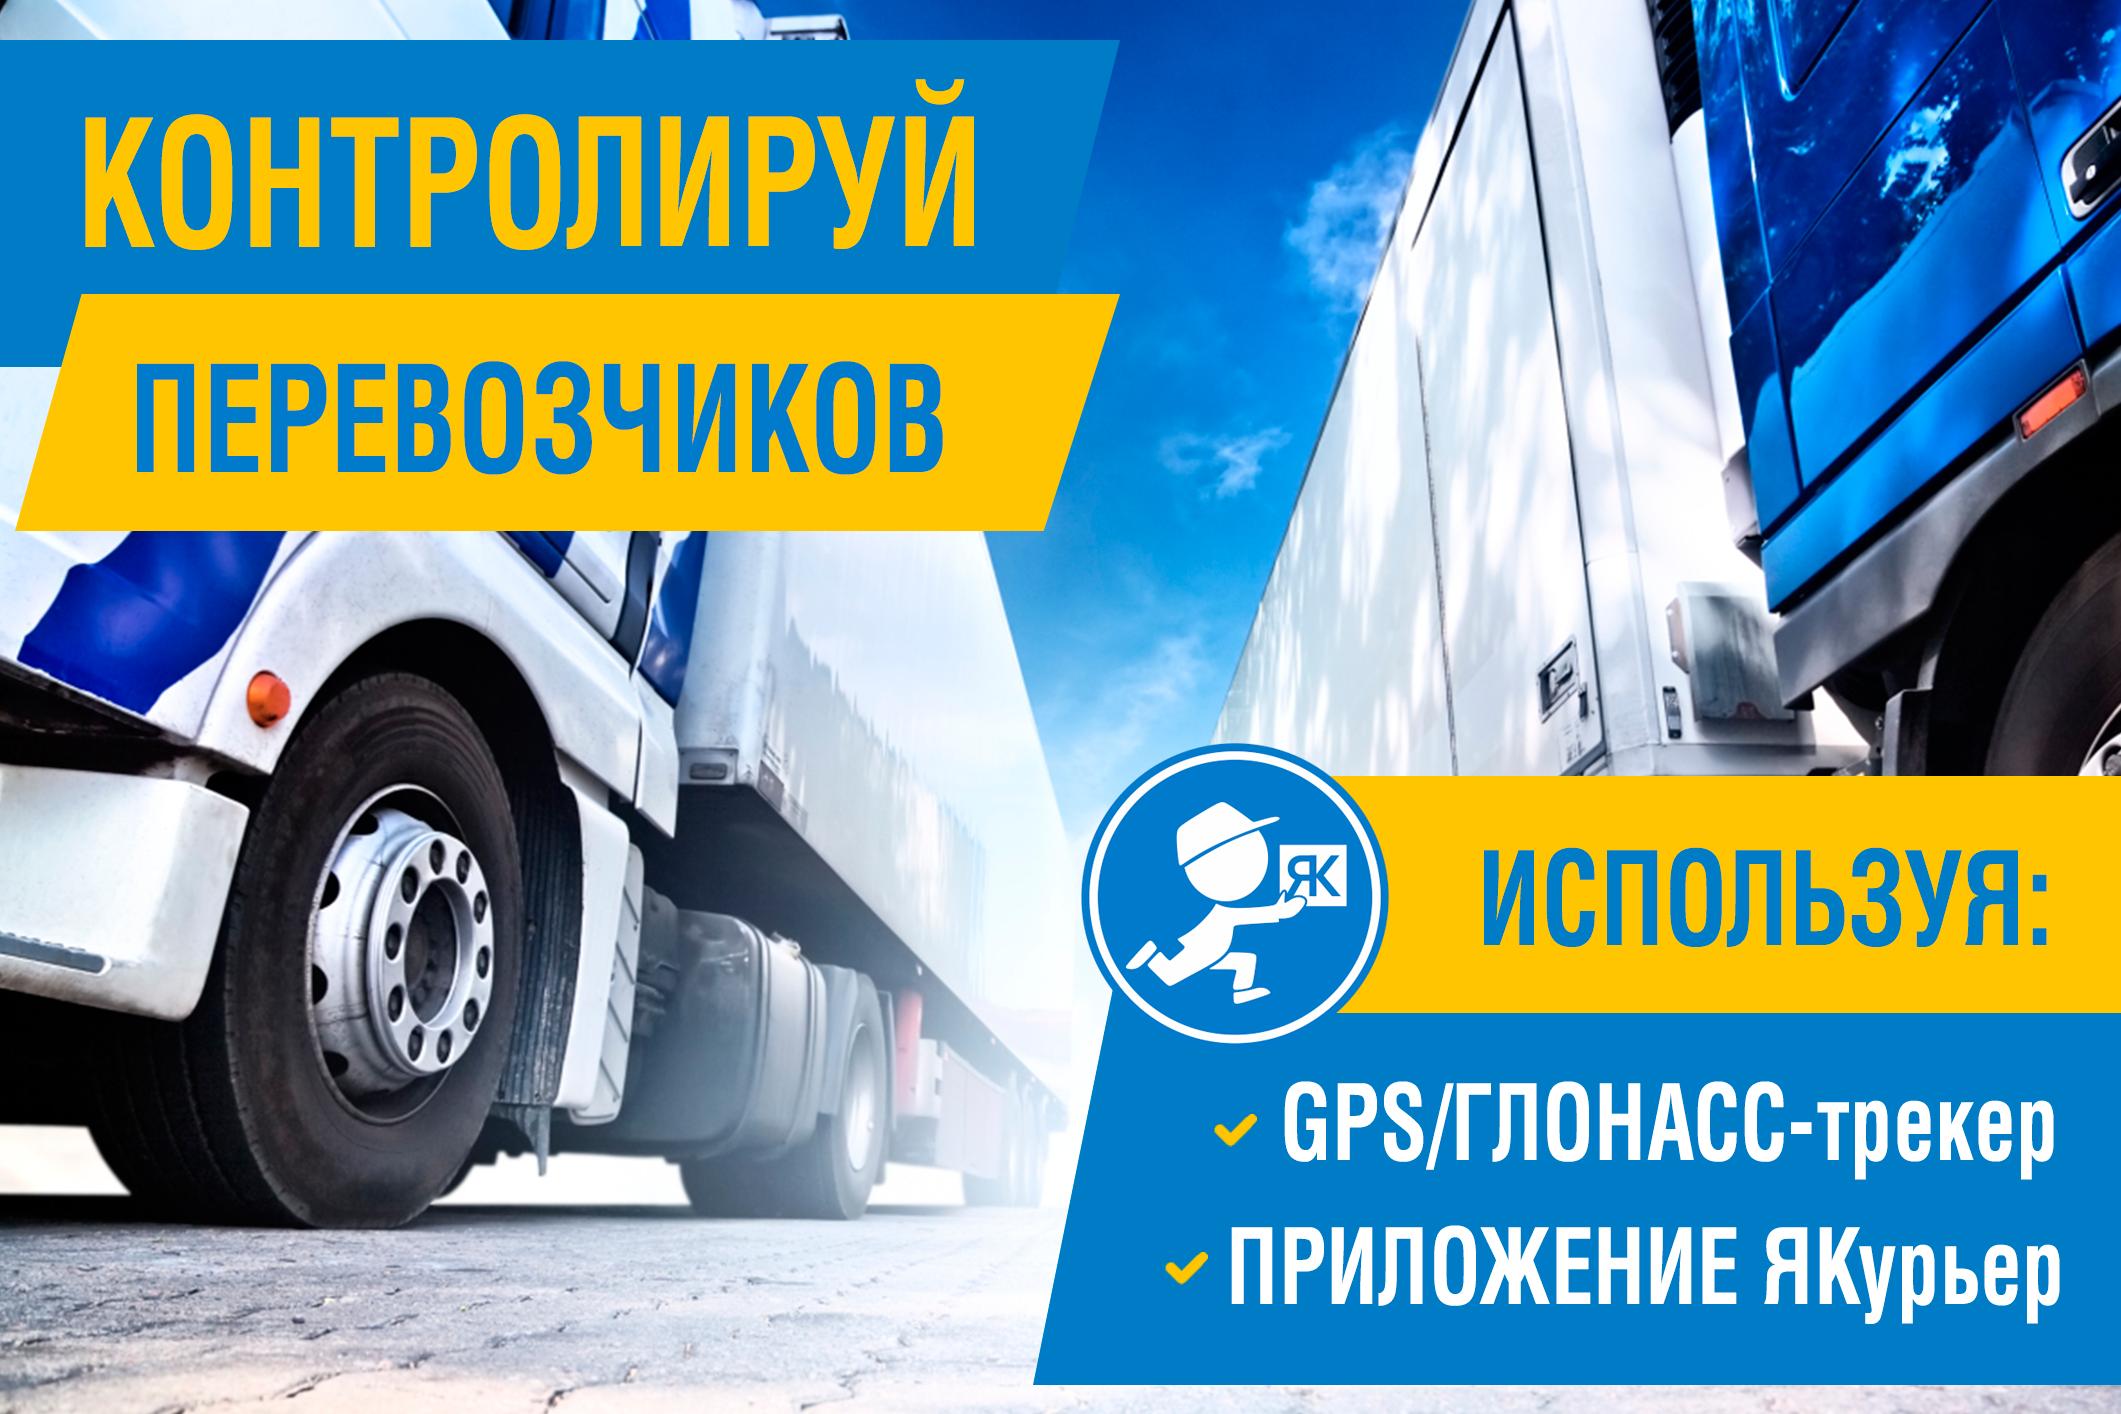 TMS, программа, транспорт, перевозки, курьерская доставка